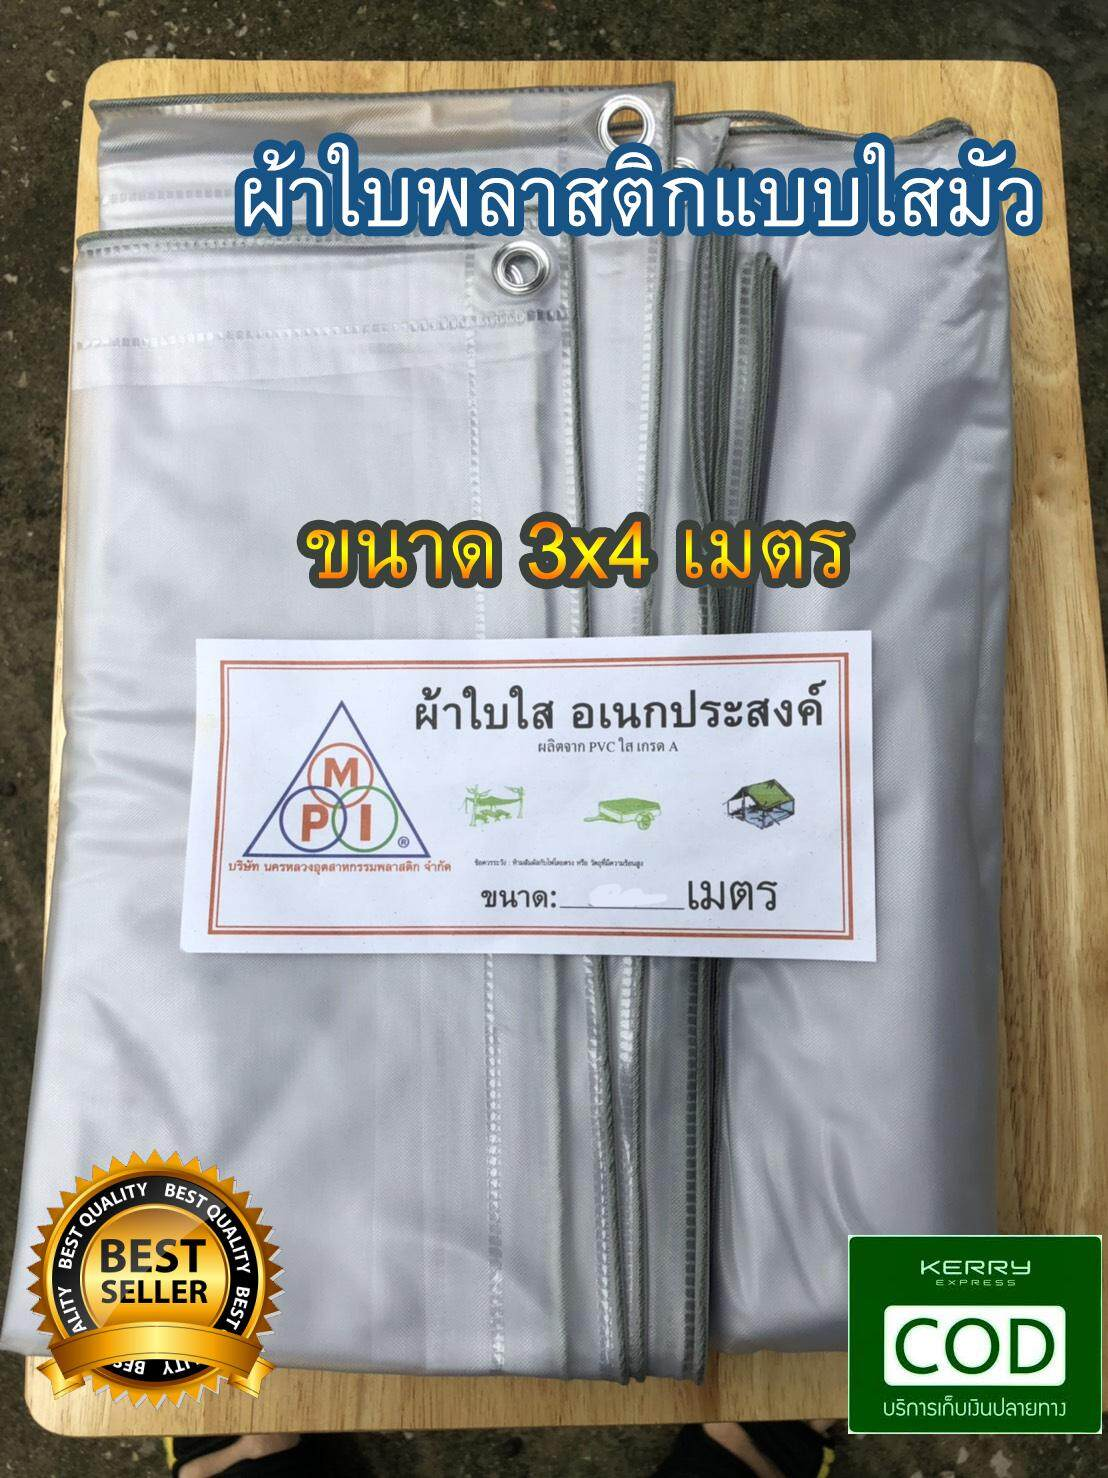 ผ้าใบพลาสติก แบบใสมัว ไวนิล PVC ผ้าใบอเนกประสงค์ ขนาด 3x4 เมตร ผ้าใบใส มีตราไก่ สำหรับ ทำกันสาด หลังคา กันน้ำ กันฝน กันแดด คลุมของ